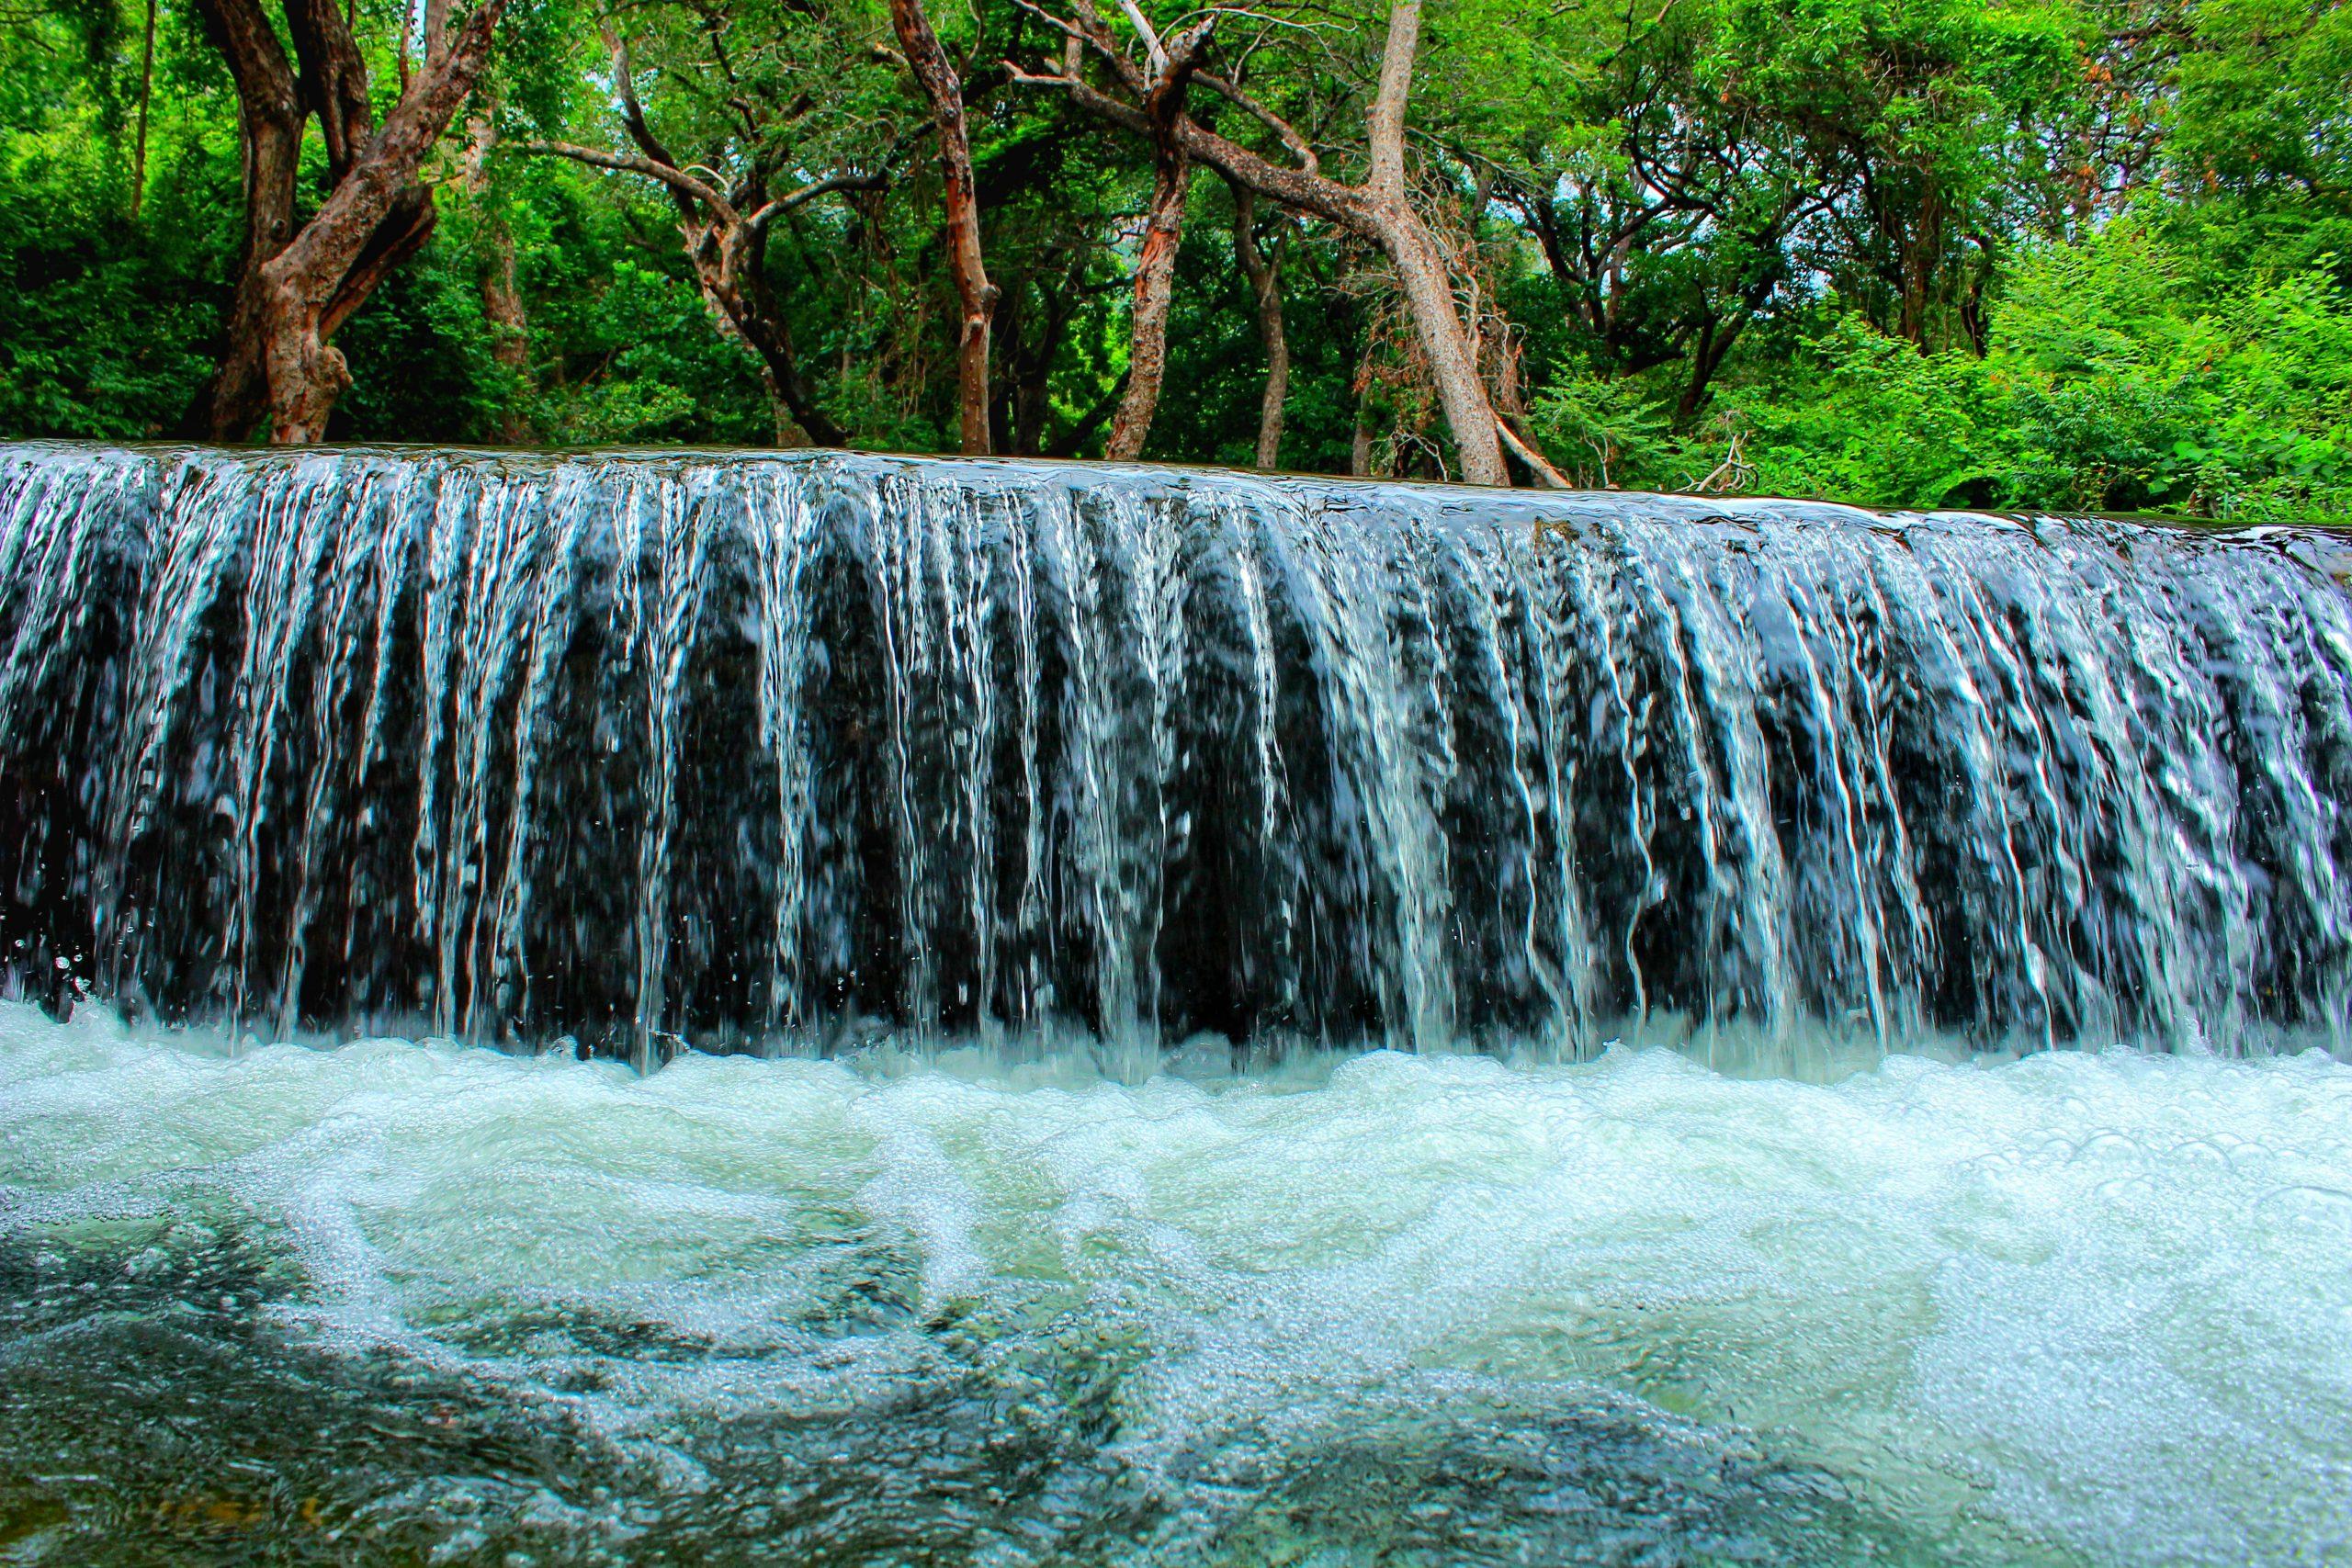 A mini waterfall